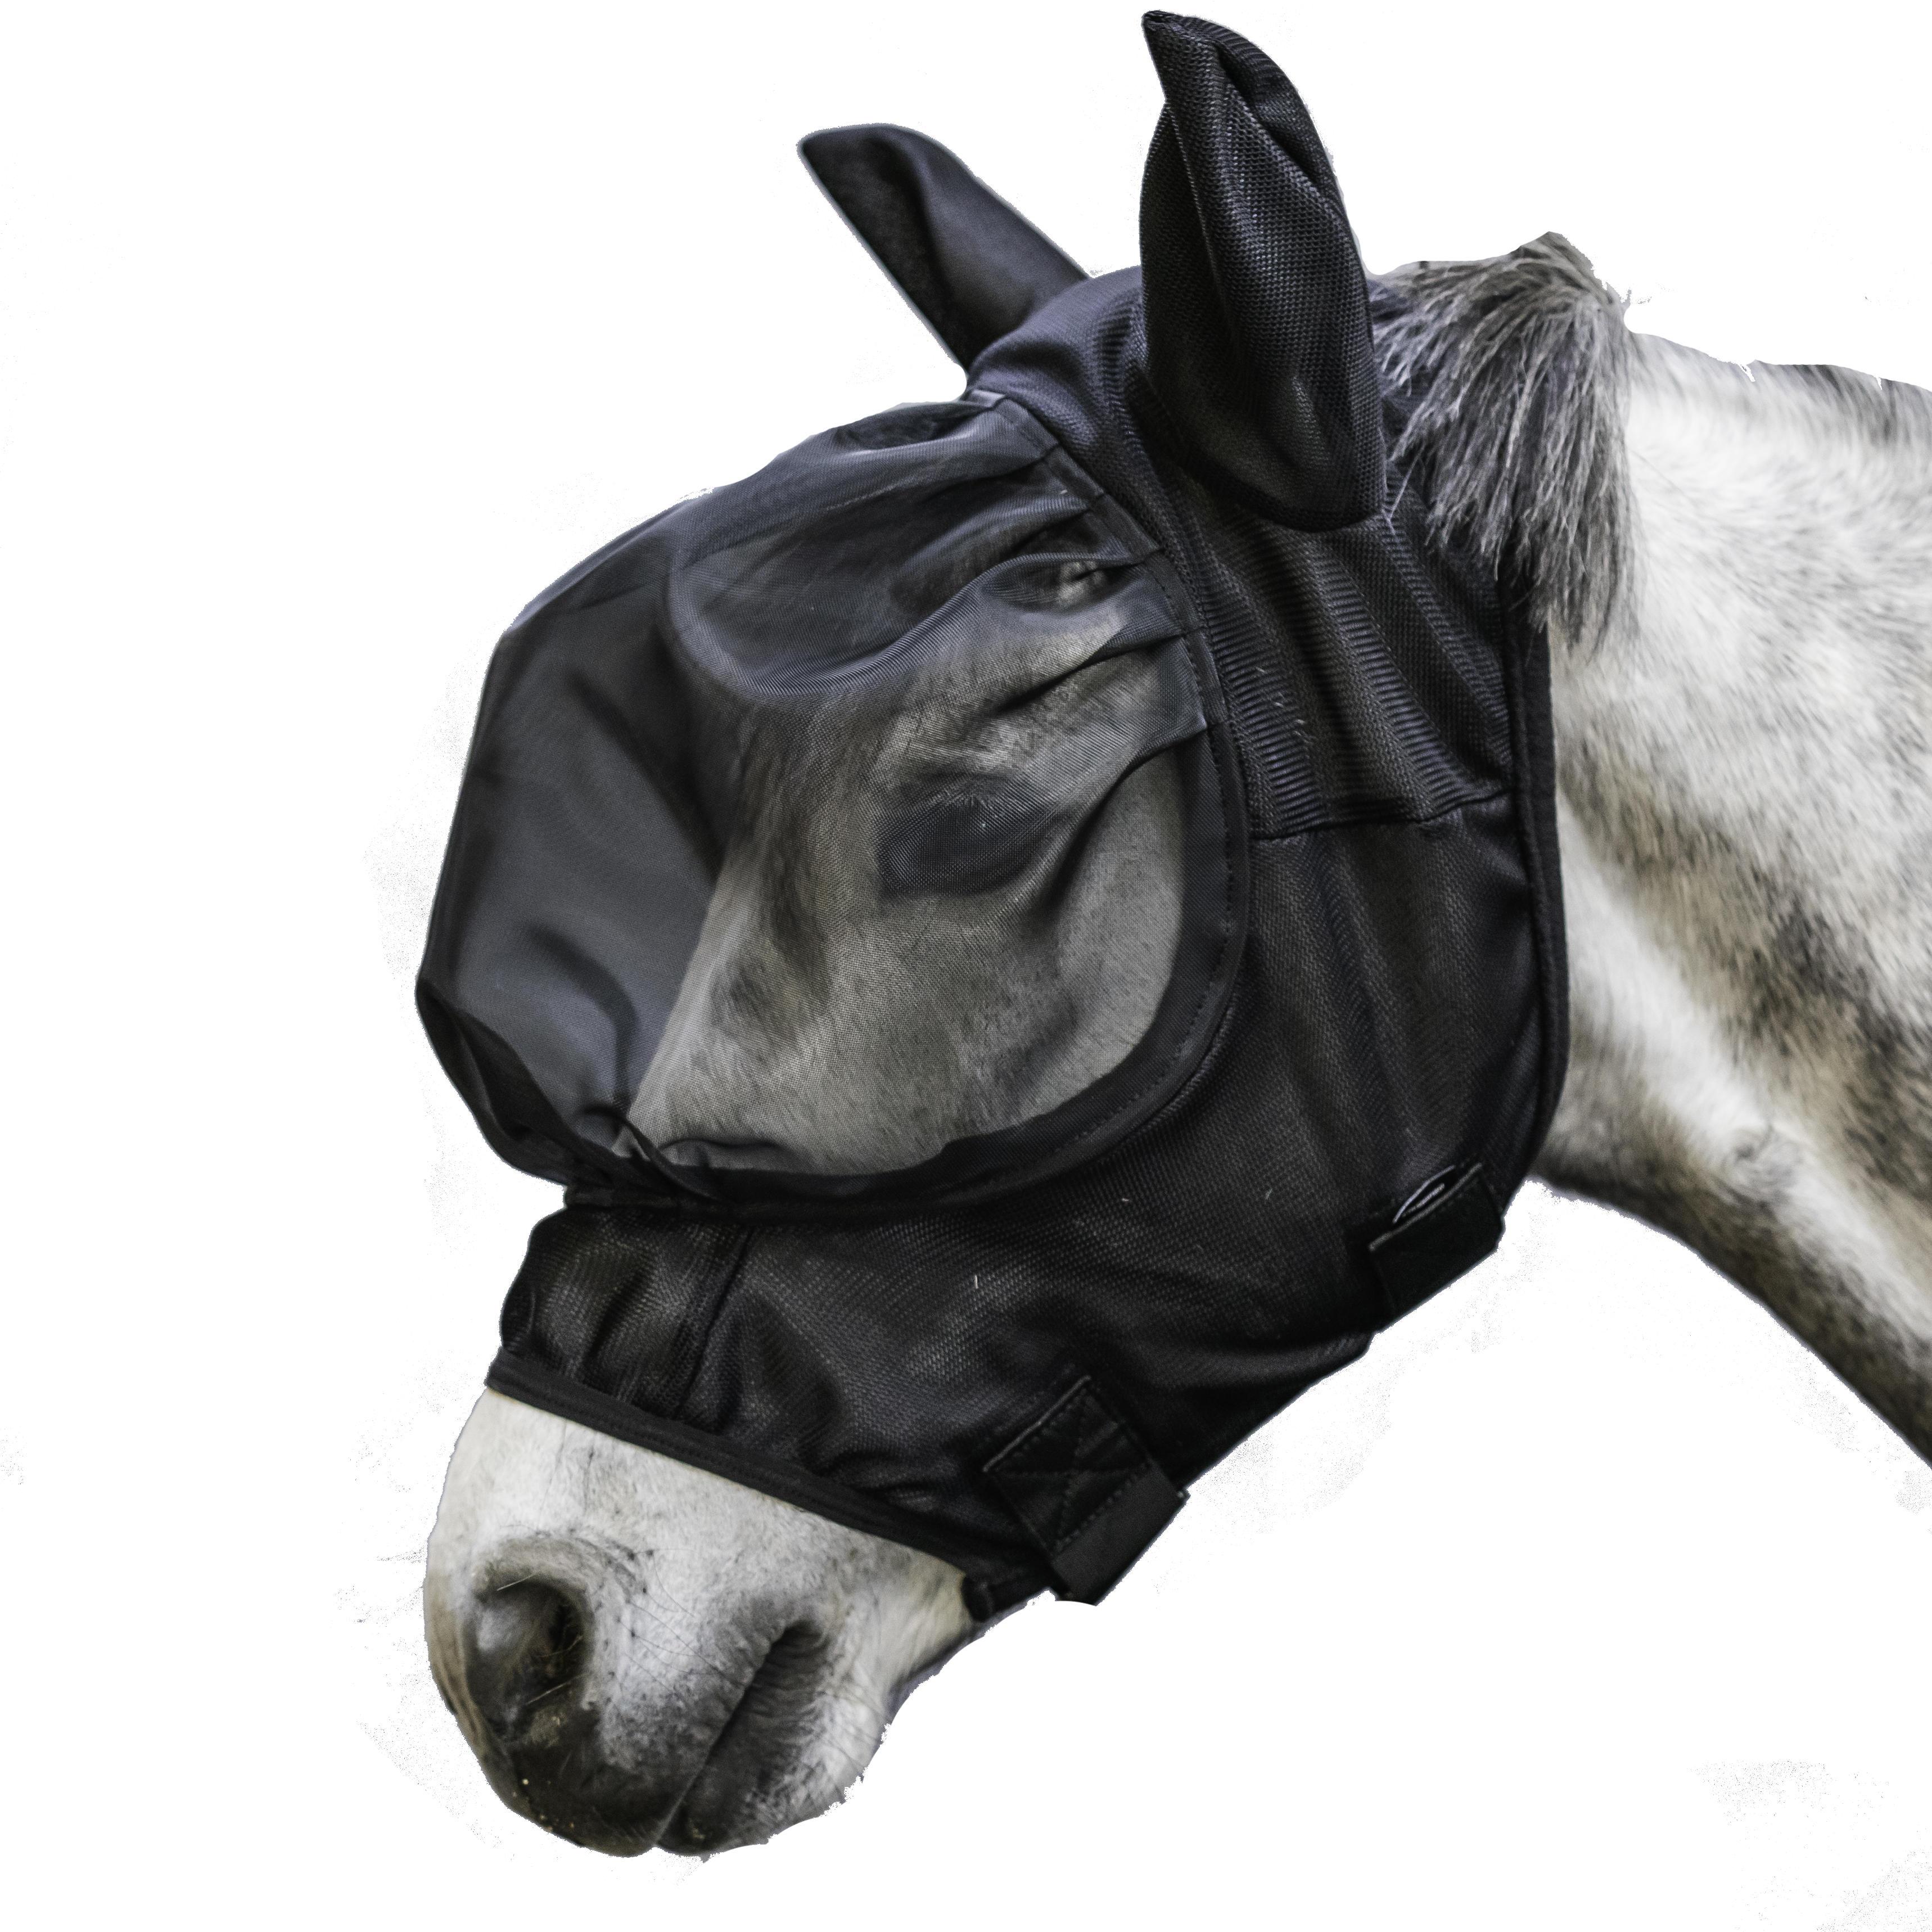 Mască protecție muște 500 cal la Reducere poza